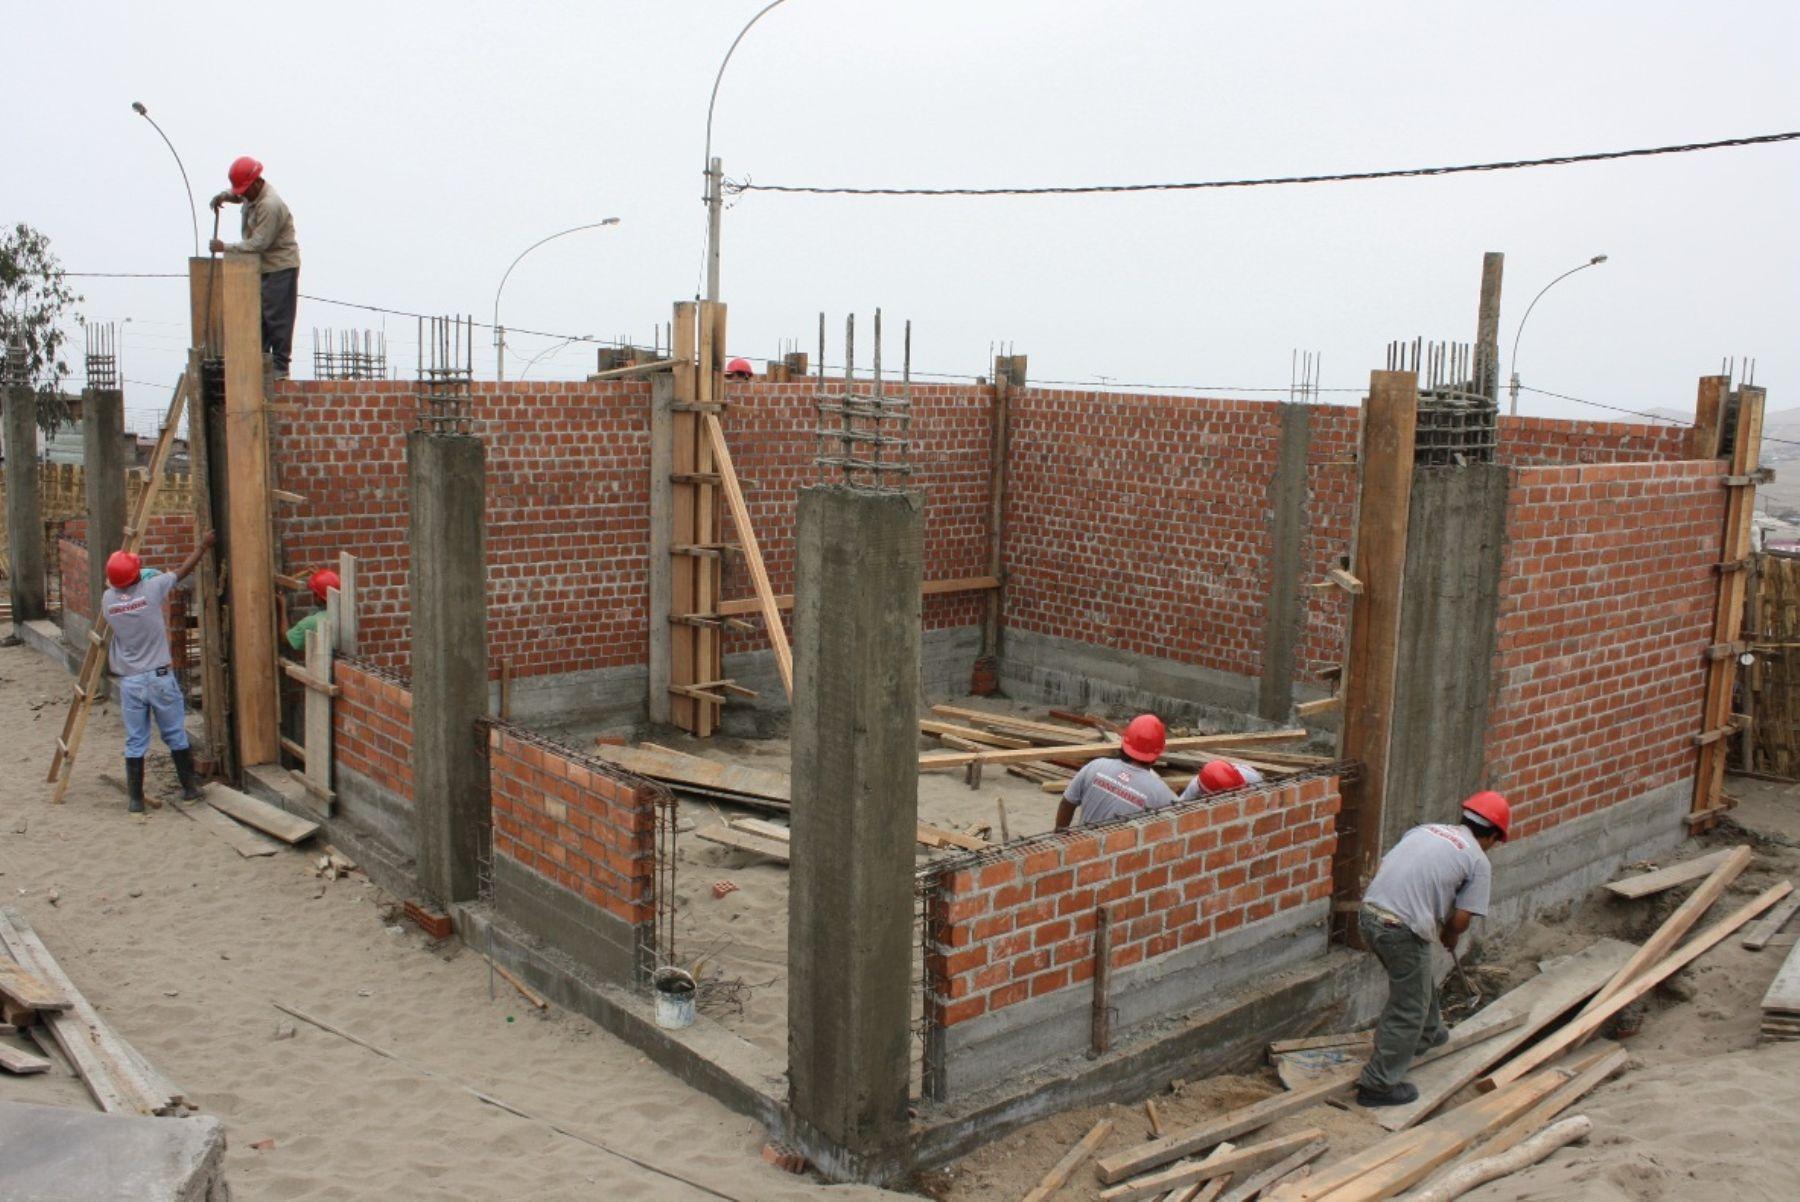 Las obras buscan mejorar la infraestructura educativa en los colegios del interior del país.